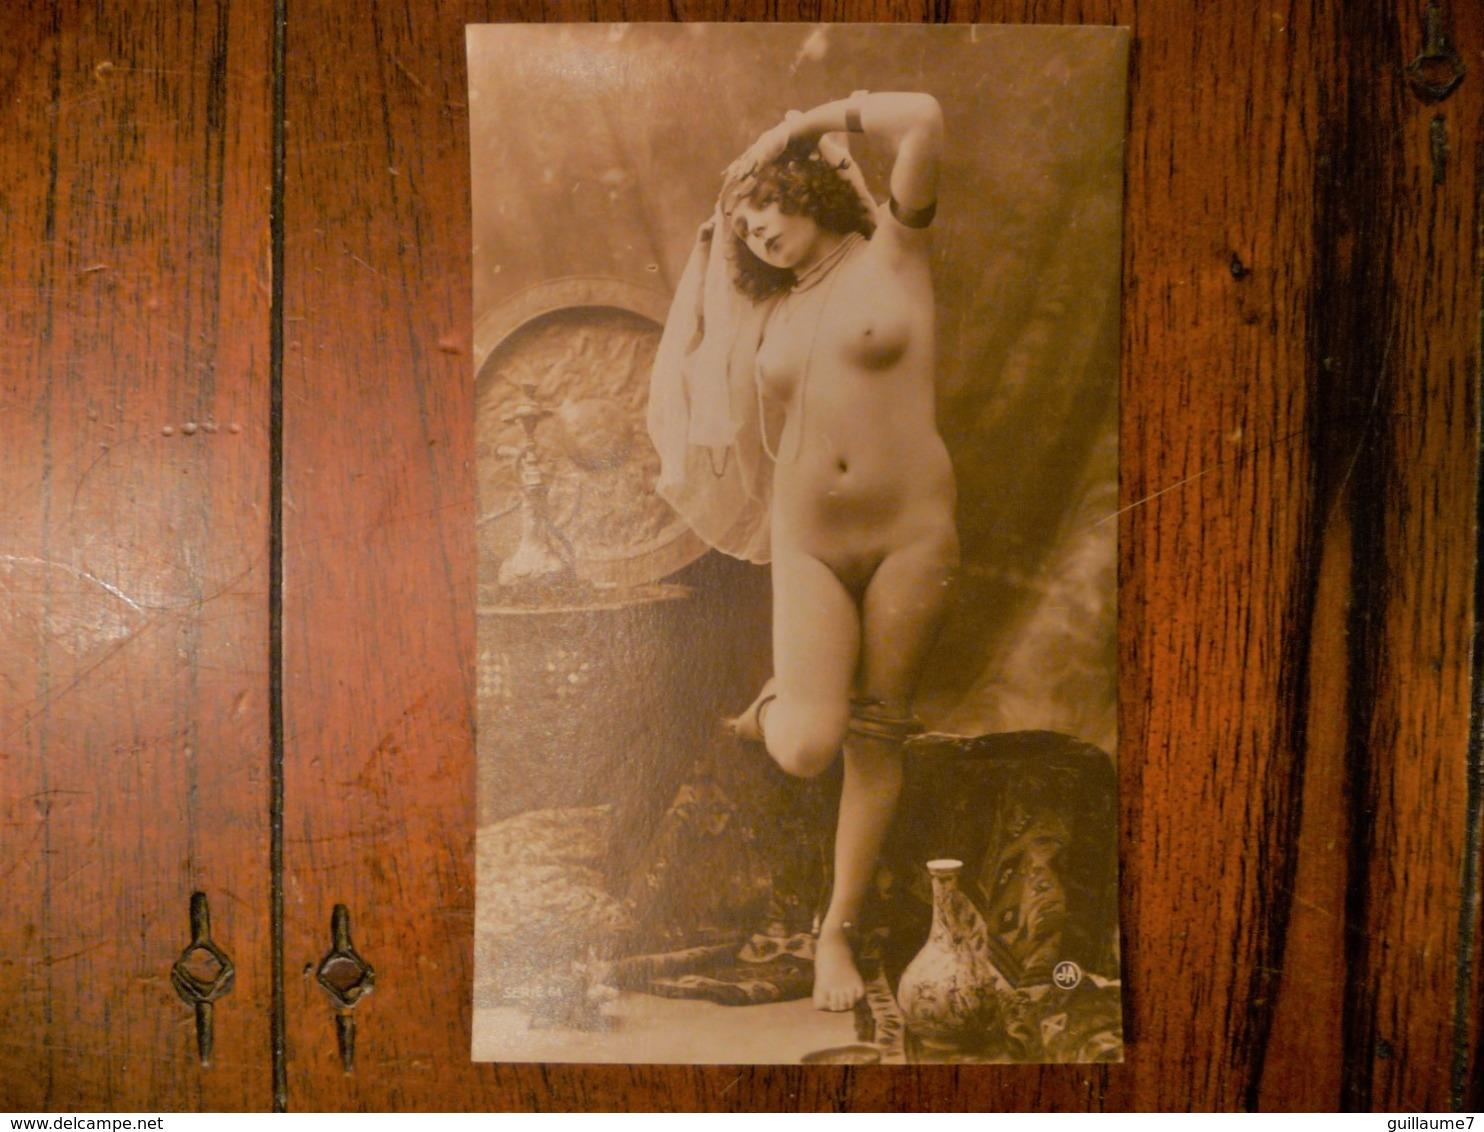 CPA - Femme Nue Danseuse Décor Oriental / Nude Erotic Lady - érotique - Série 61 - édition J A - Rare - Nus Adultes (< 1960)